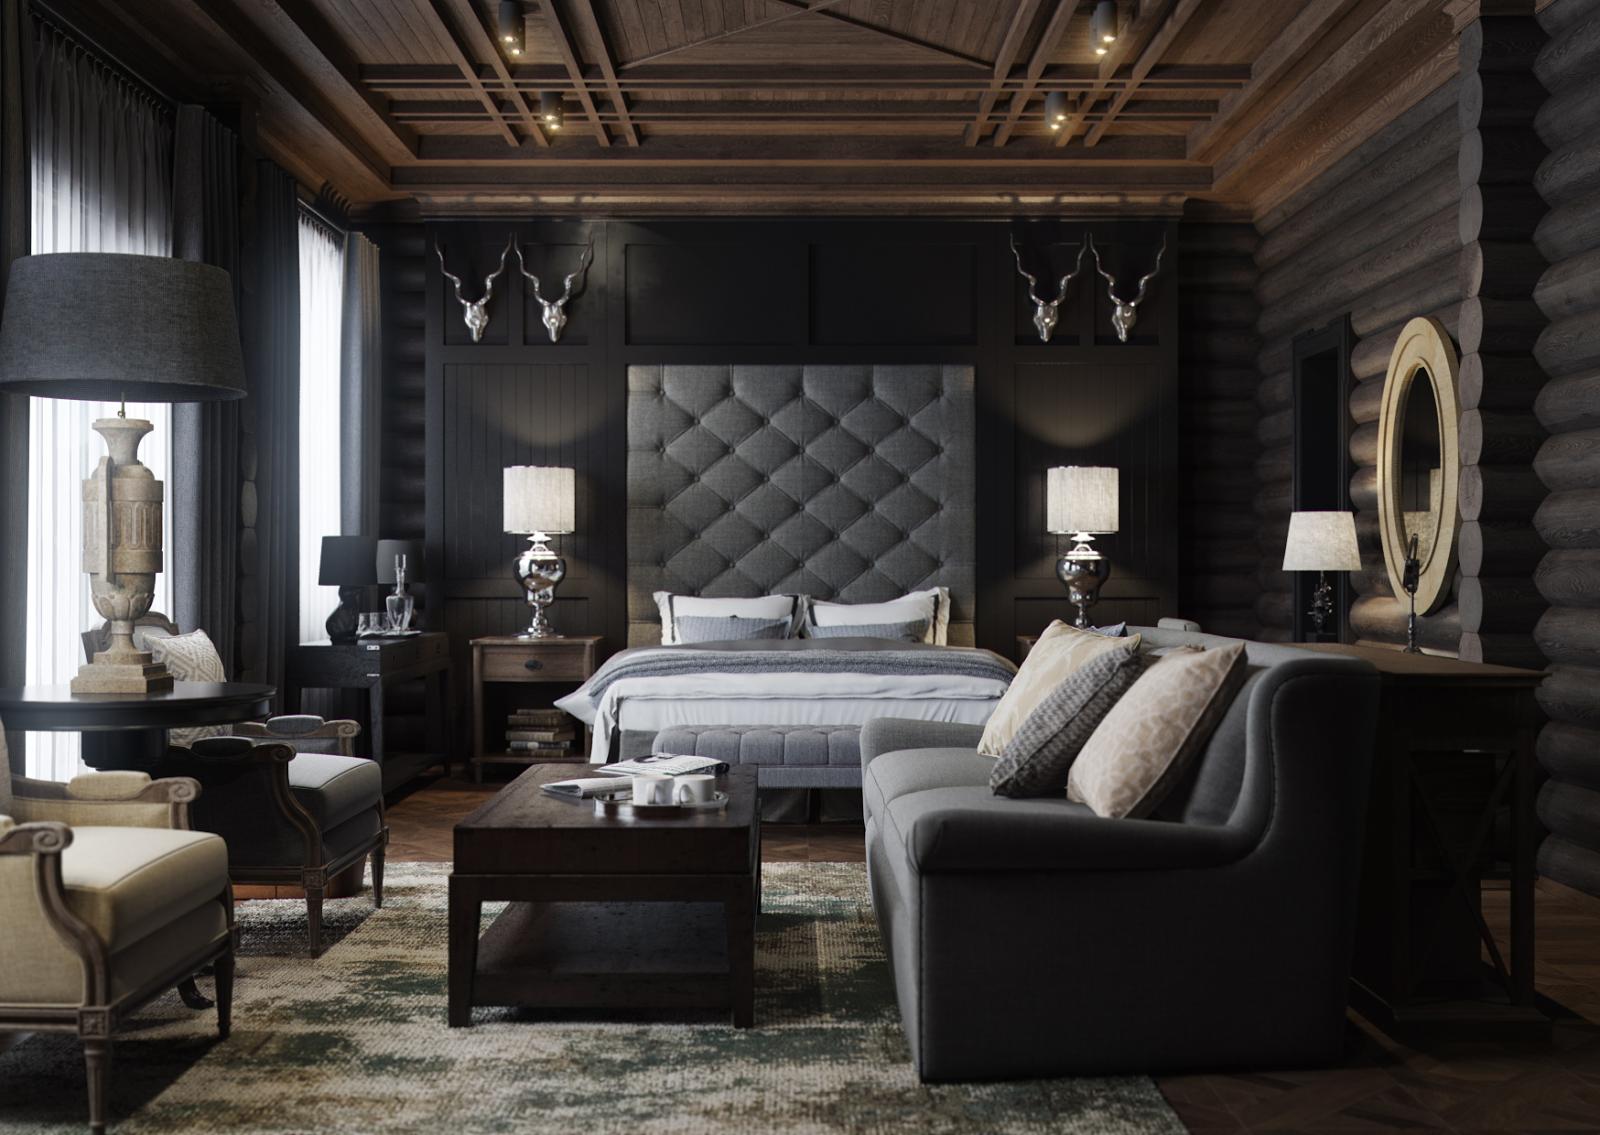 Vladimir bolotkin blog hotel large room hotels bars for Herrenzimmer modern einrichten